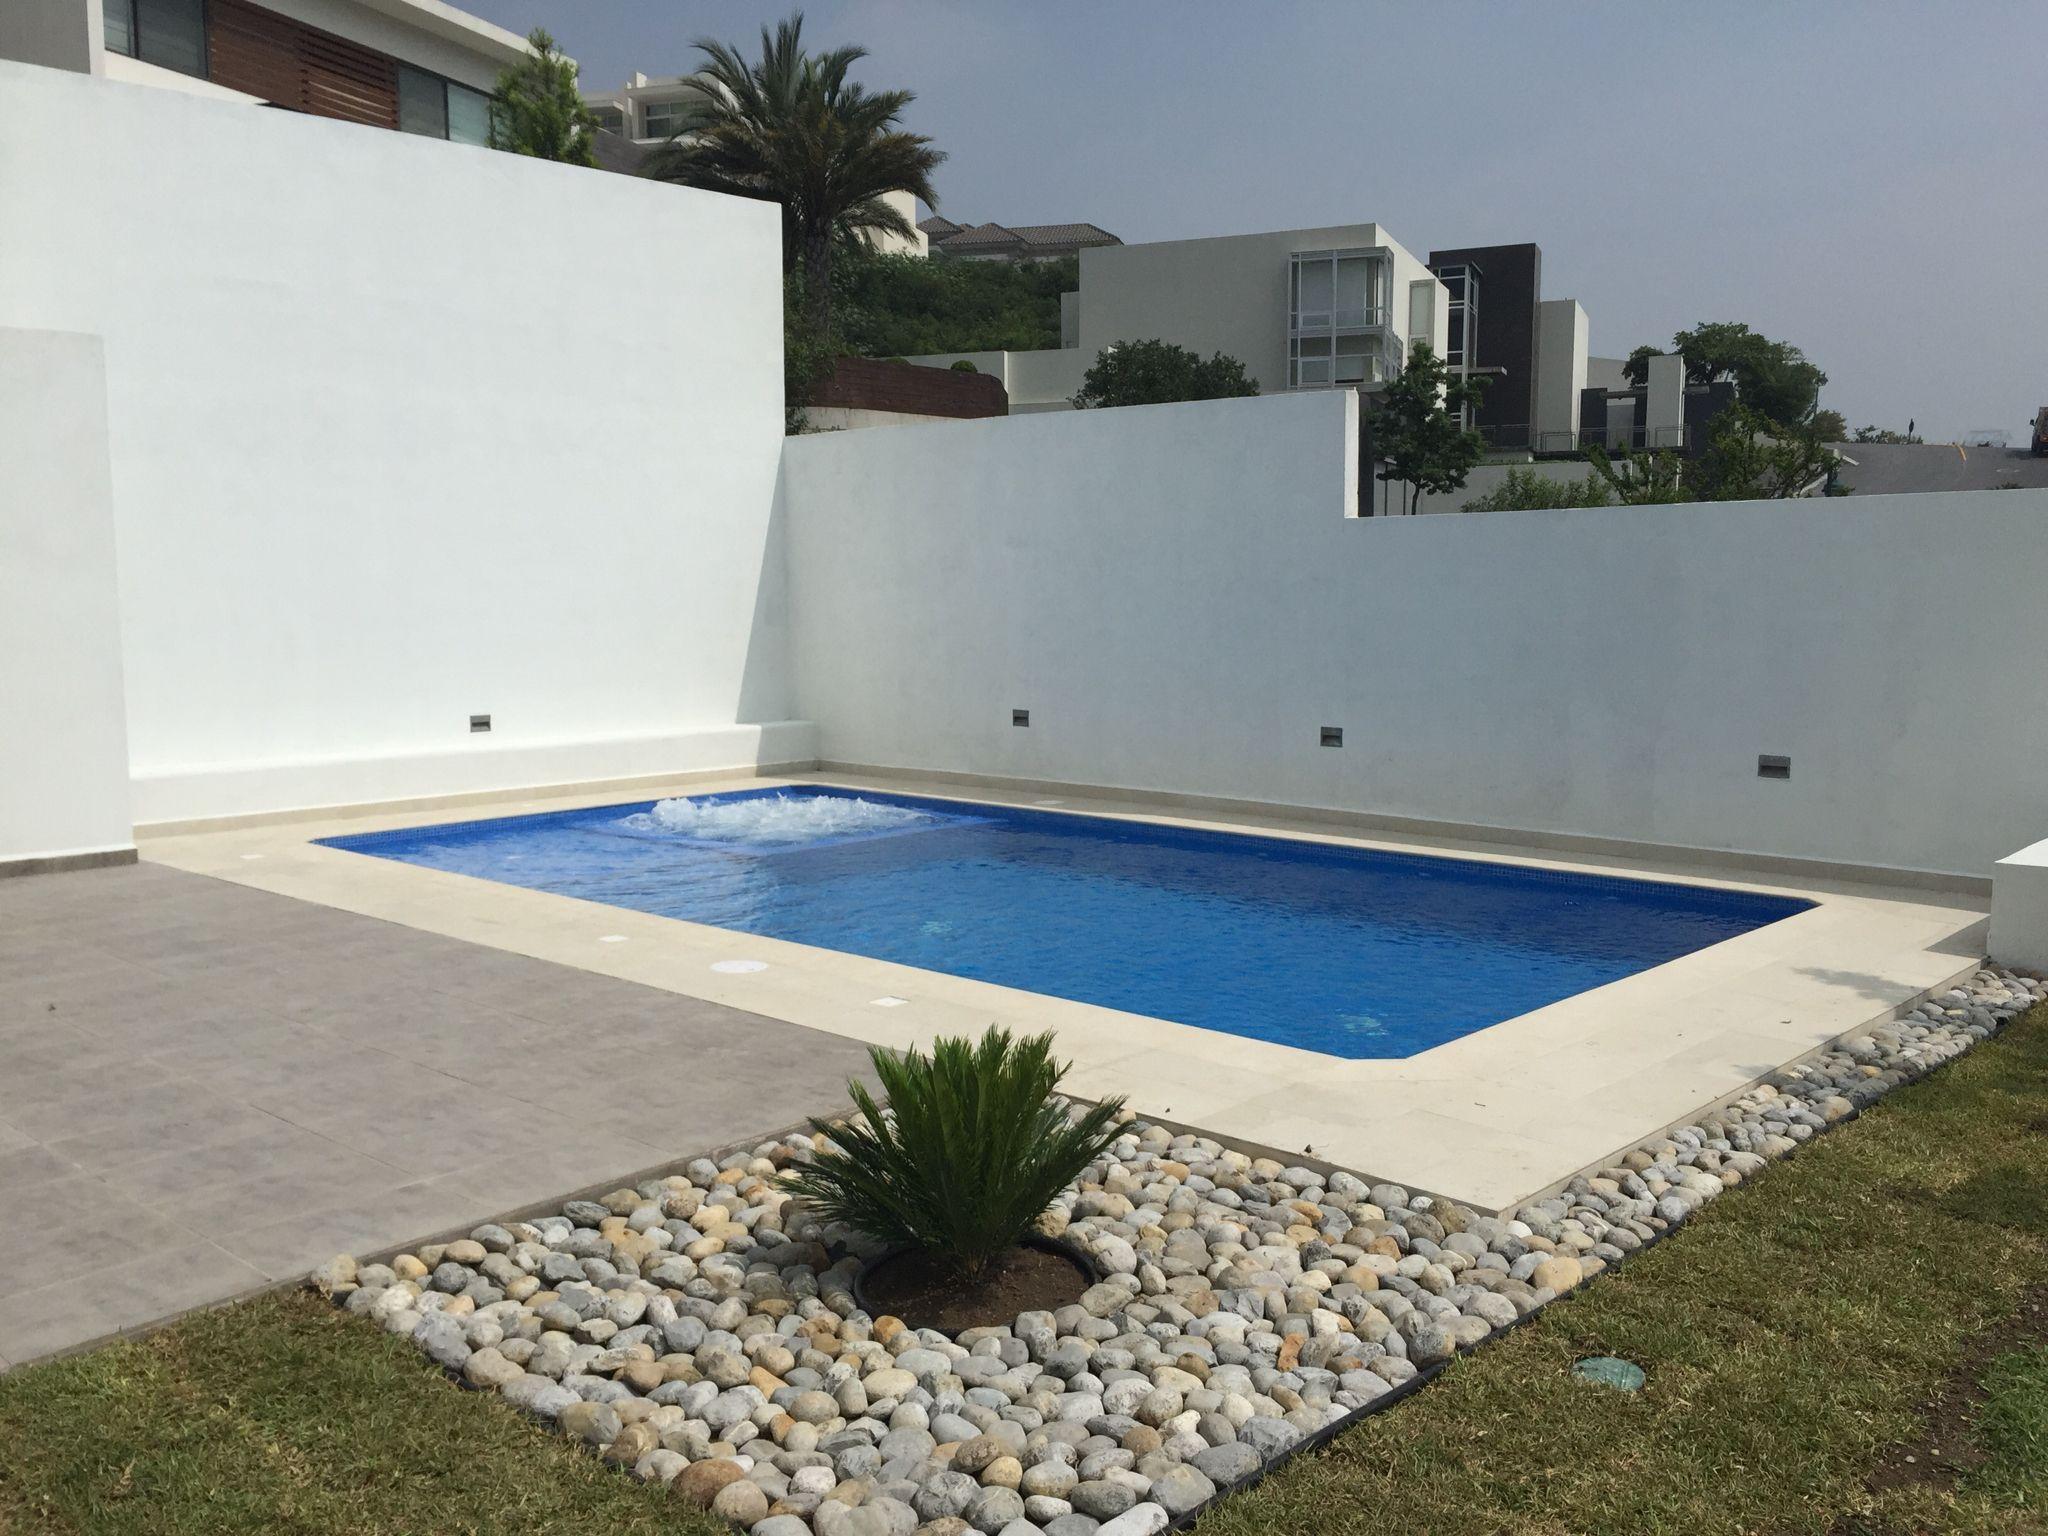 Recreational Pool Piscina Residencial De 8 88 X 4 44 Mts Con